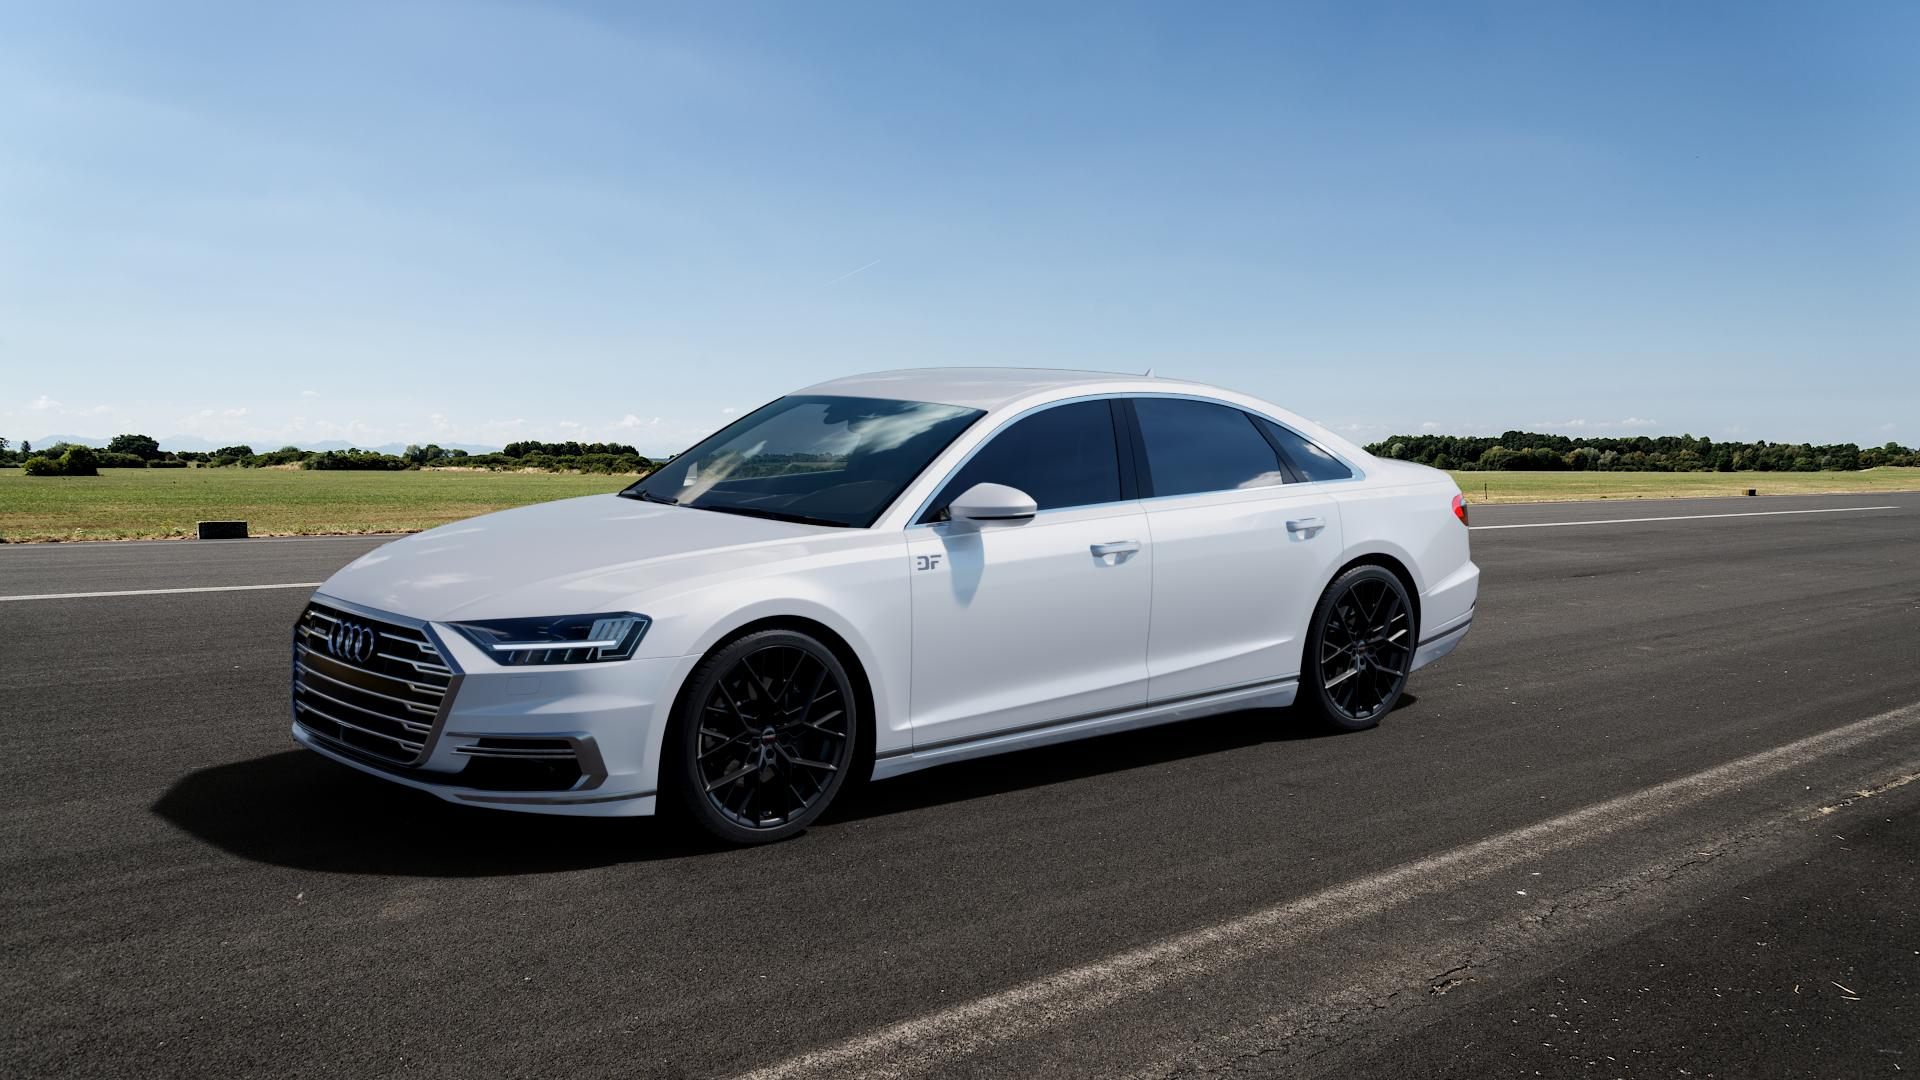 Borbet BY black matt Felge mit Reifen schwarz in 21Zoll Winterfelge Alufelge auf weissem Audi A8 Typ D5/F8 3,0l 60 TFSI e quattro 250kW (340 PS) Hybrid 4,0l 338kW (460 420kW S8 (571 TDI 210kW (286 320kW (435 ⬇️ mit 15mm Tieferlegung ⬇️ Big_Vehicle_Airstrip_1 Frontansicht_1